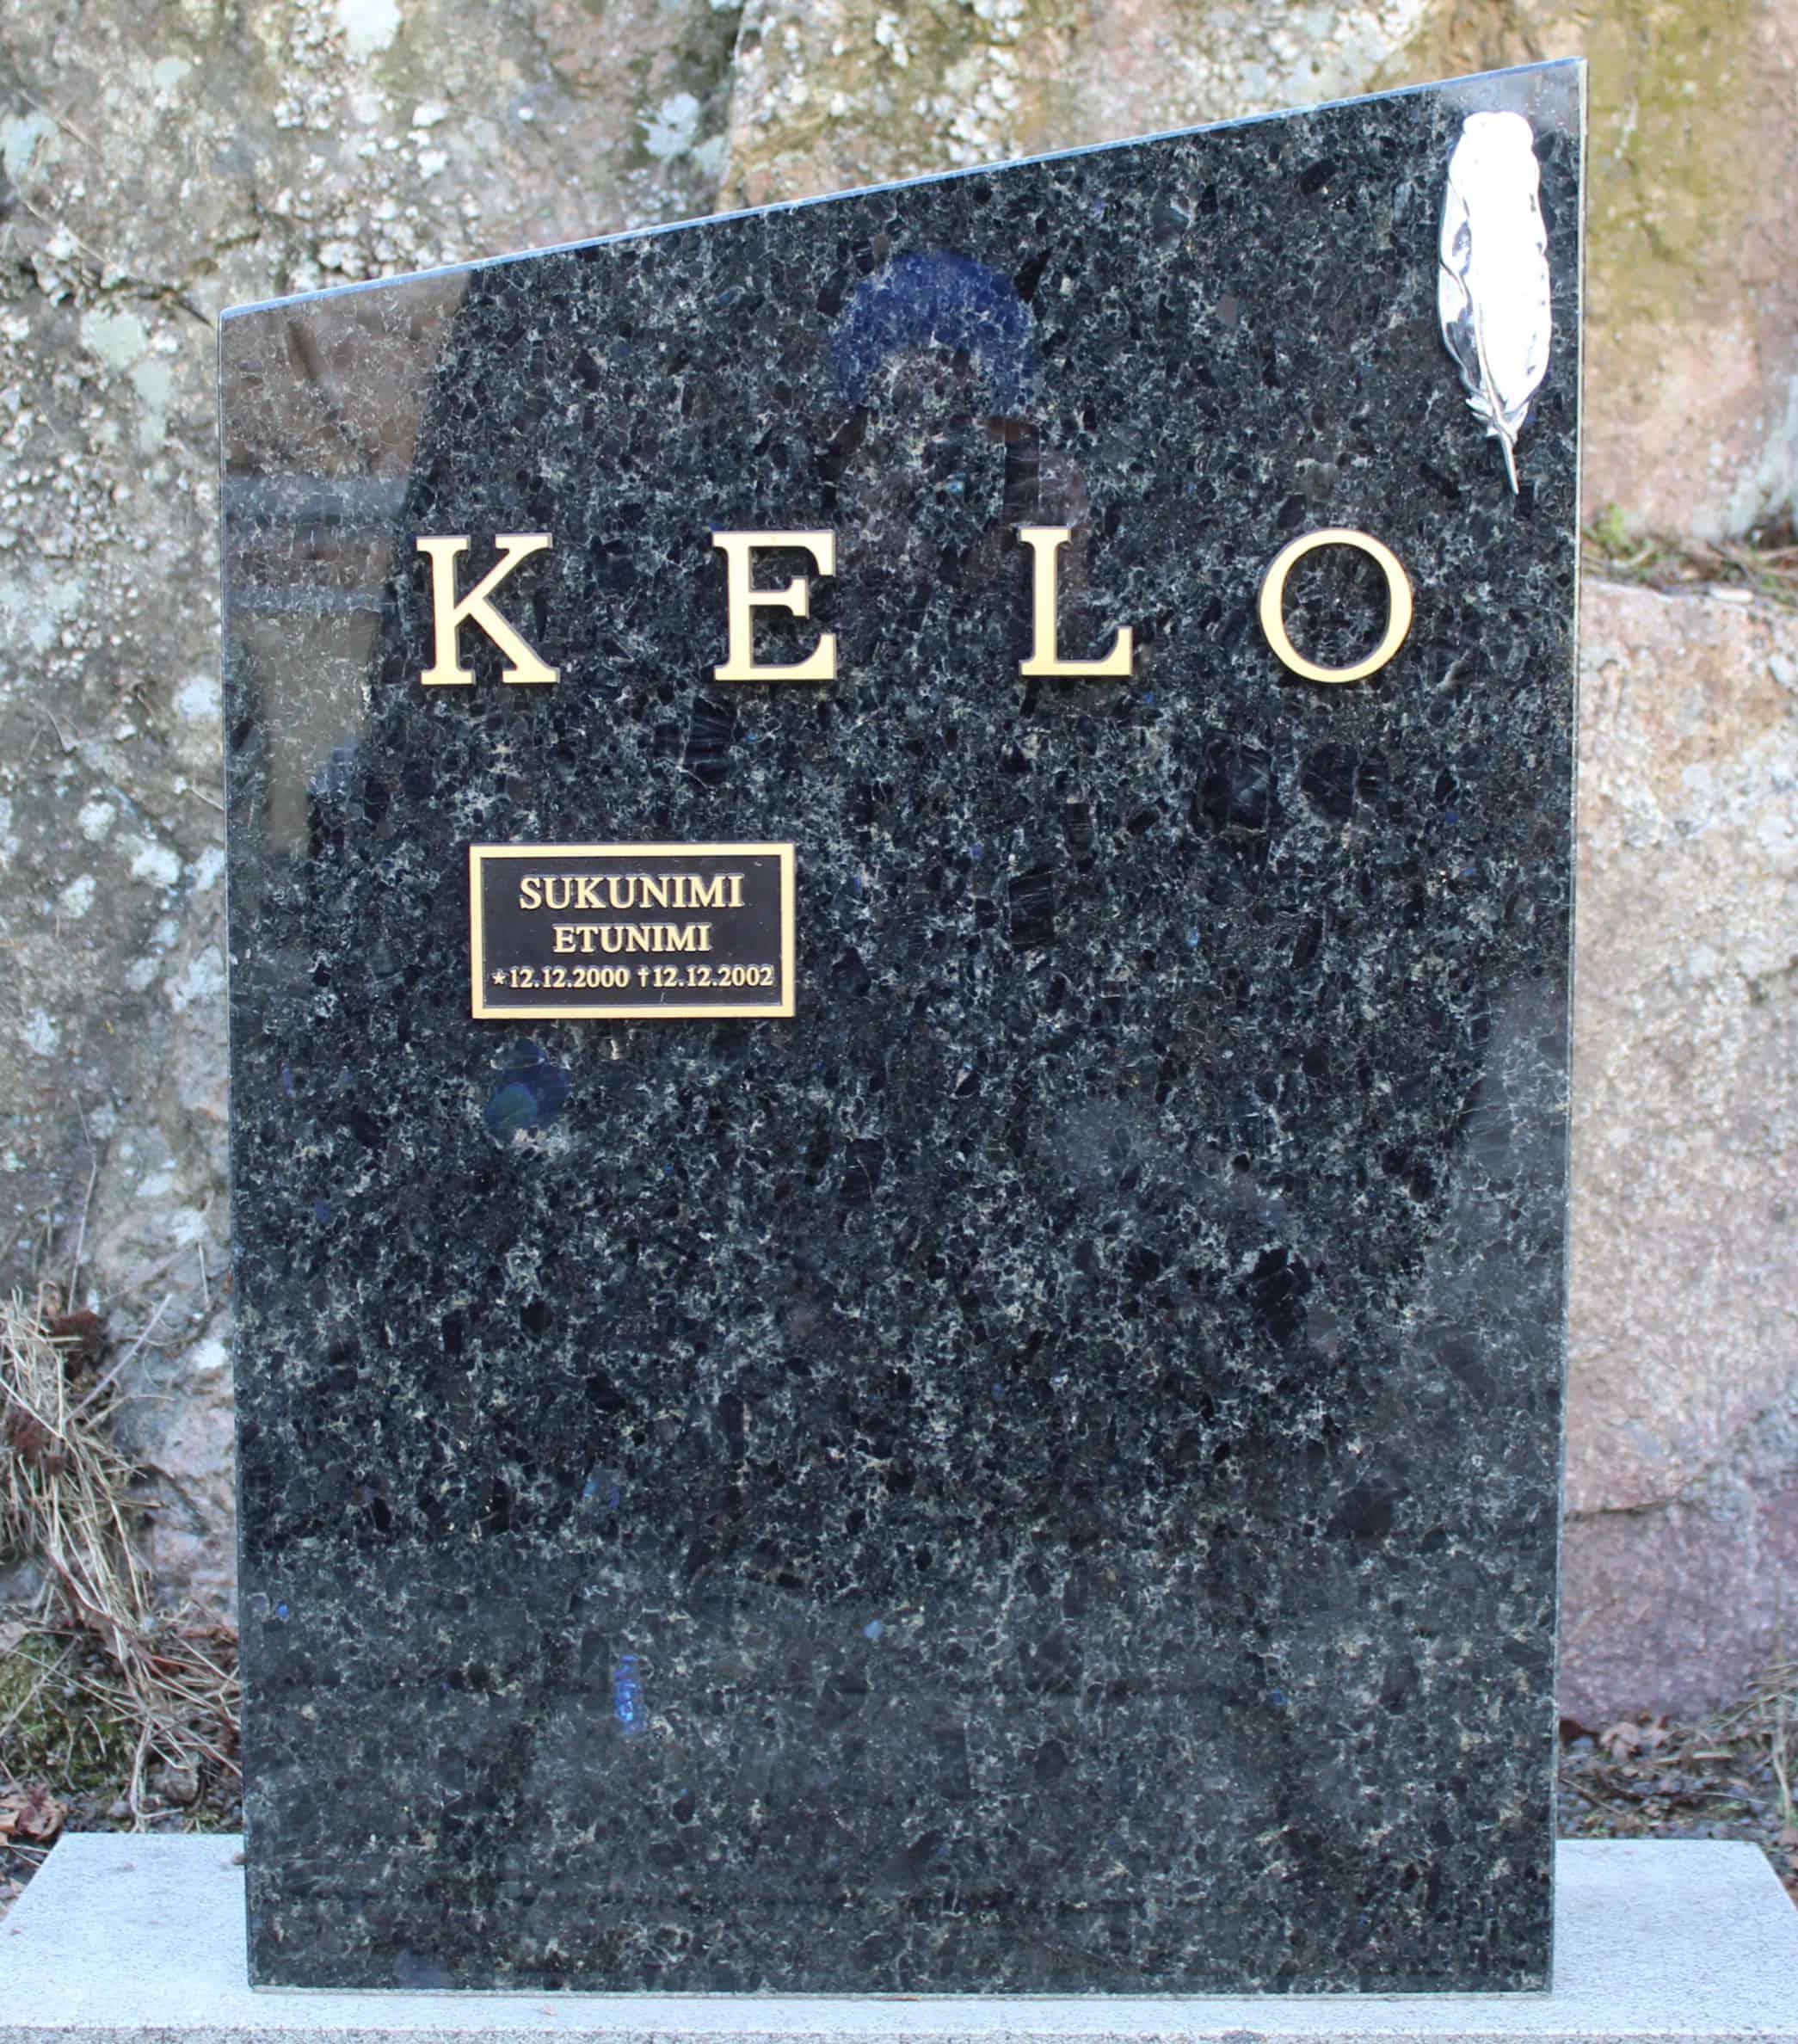 Hautakivet ja hautamuistomerkit lähes 100 vuoden kokemuksella. Tilaa hautakiven suunnittelu ja asennus luotettavalta yritykseltä.